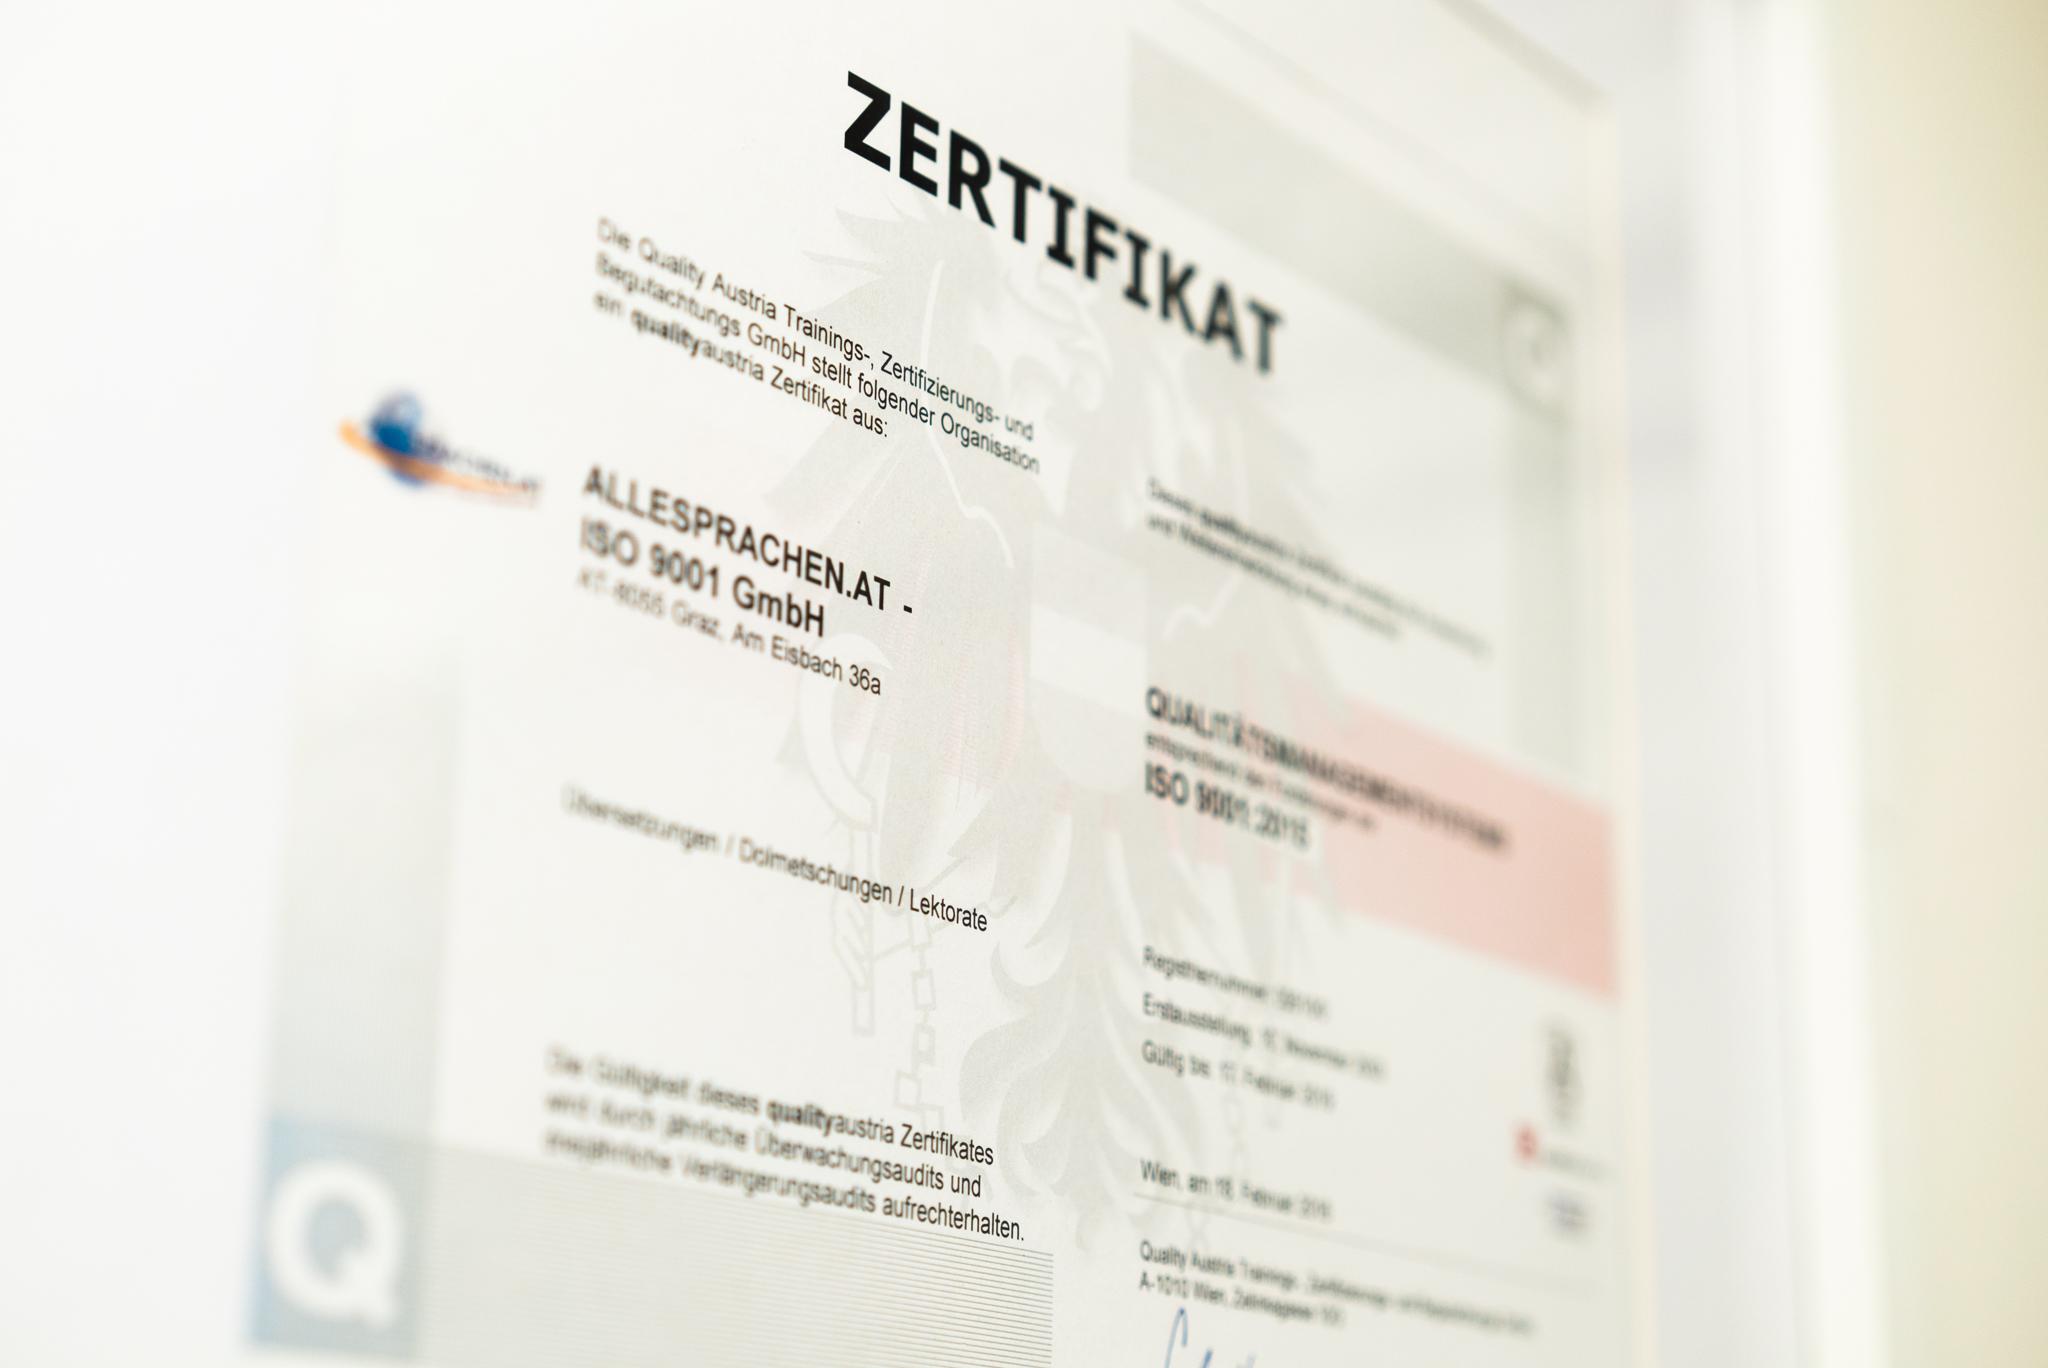 ALLESPRACHEN Zertifikate